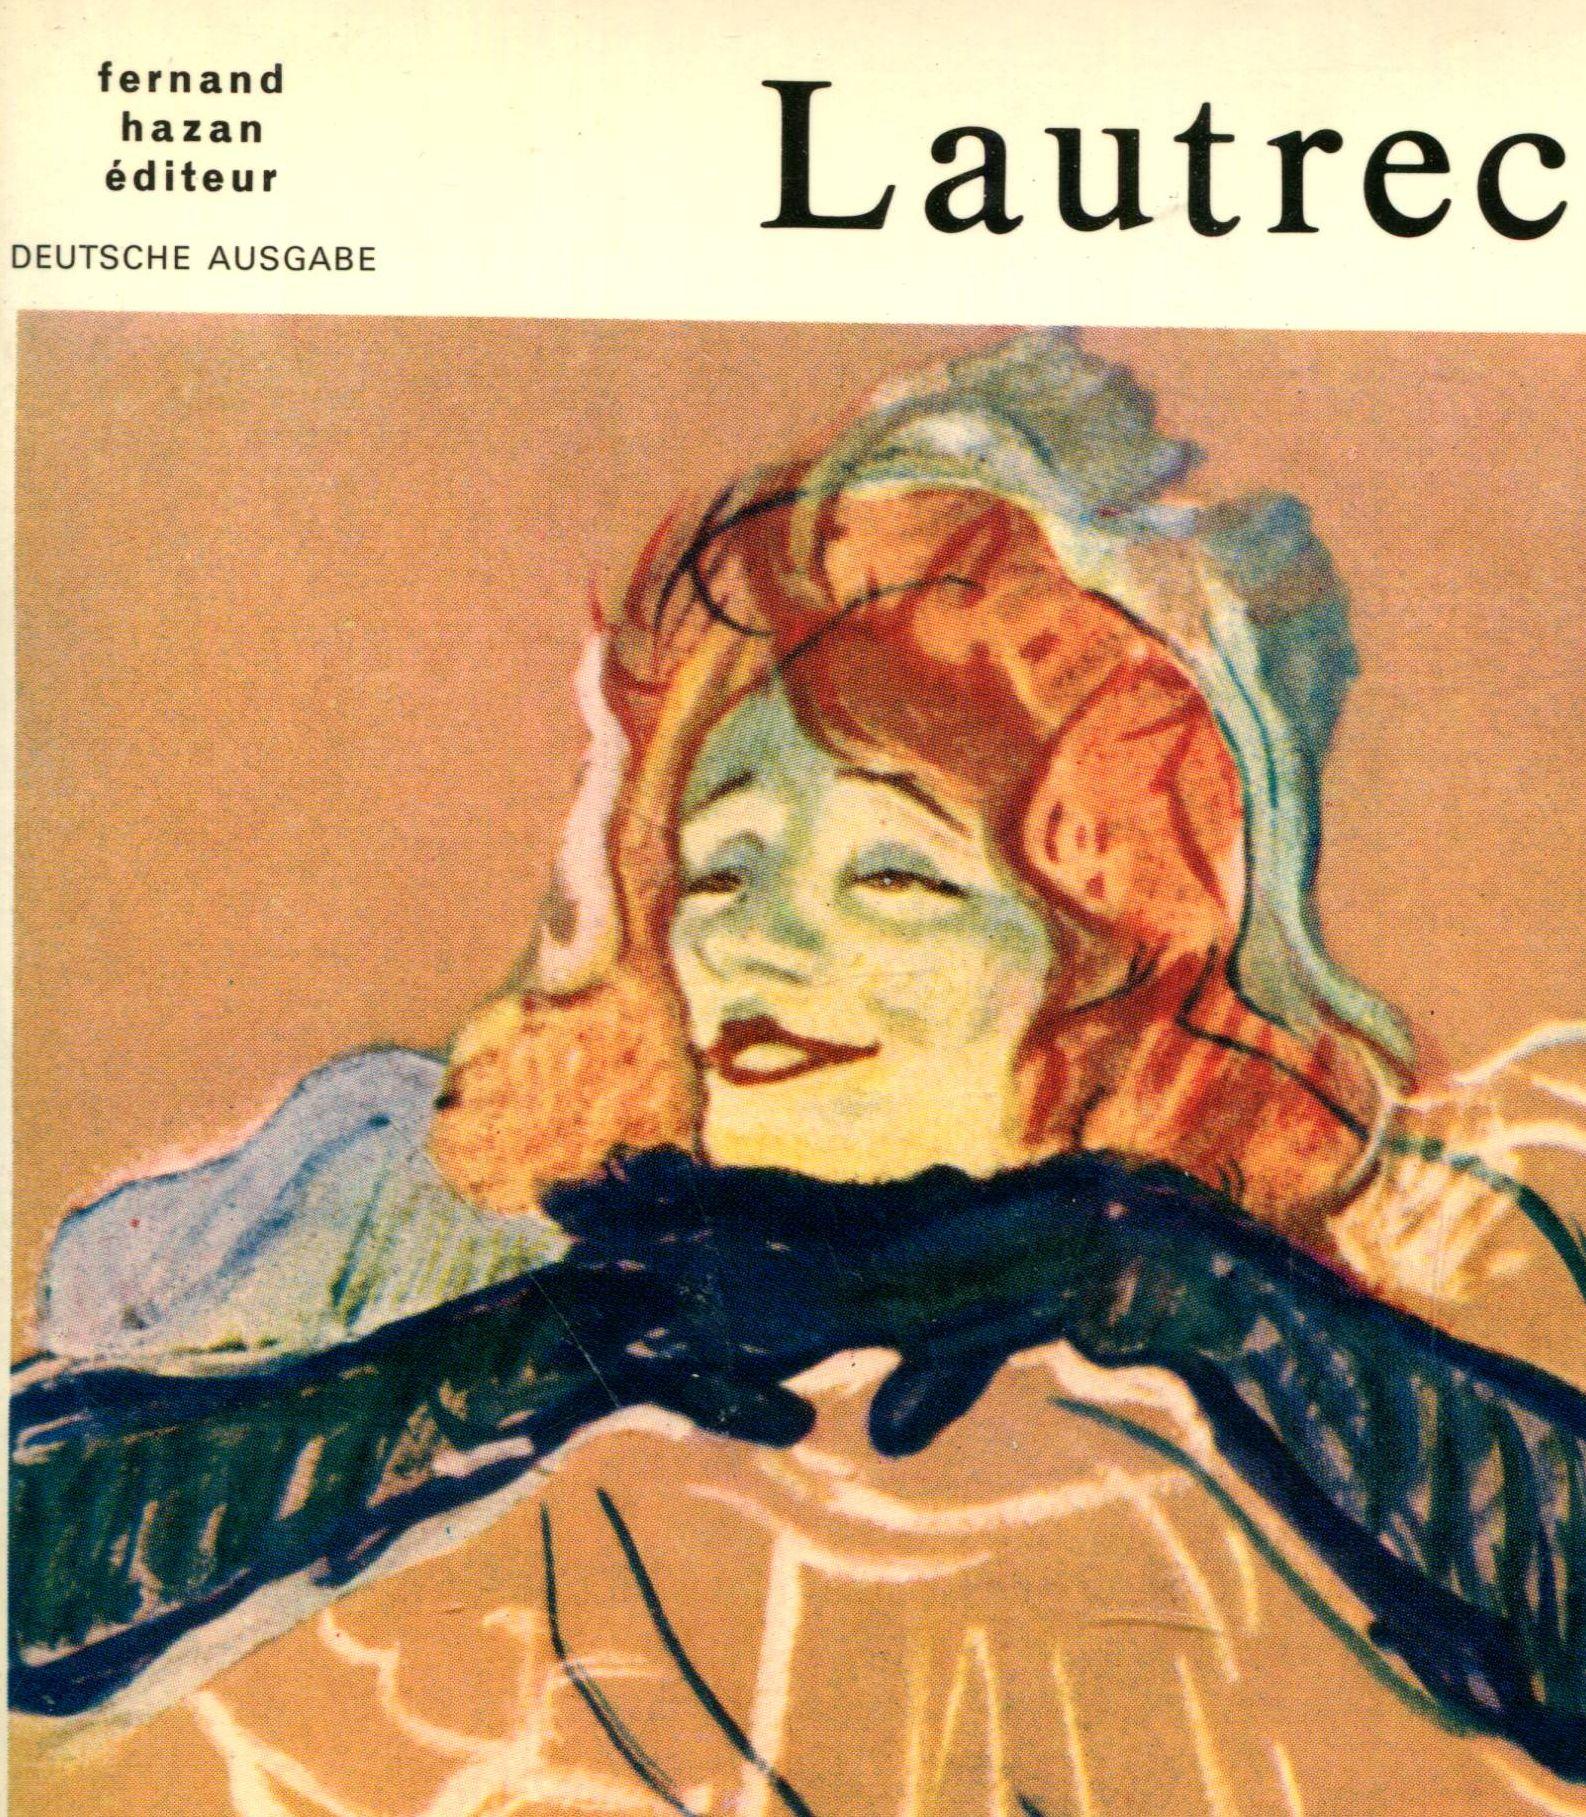 Lautrec: Fernand Hazan editeur: